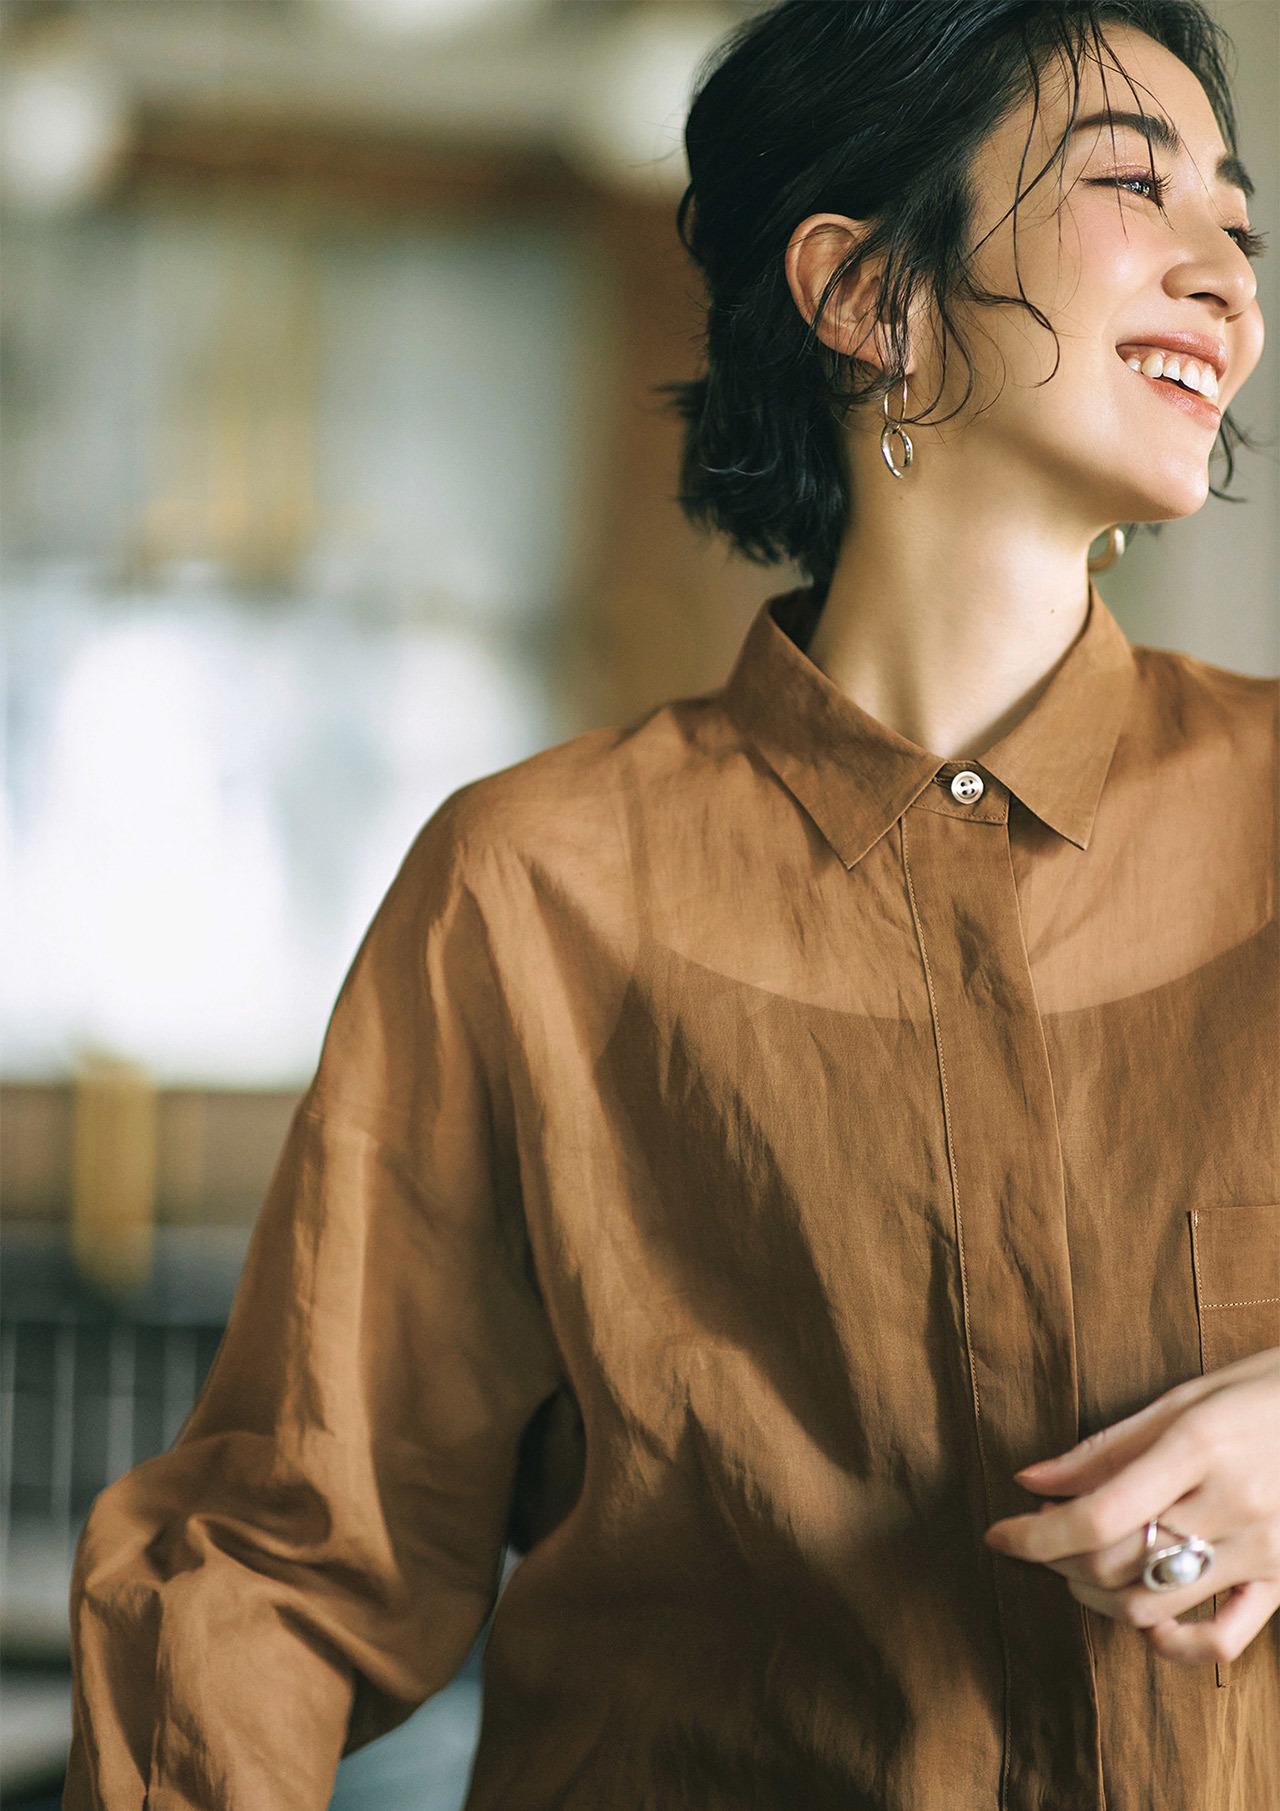 透け感のあるシャツ×ジュエリーコーデ